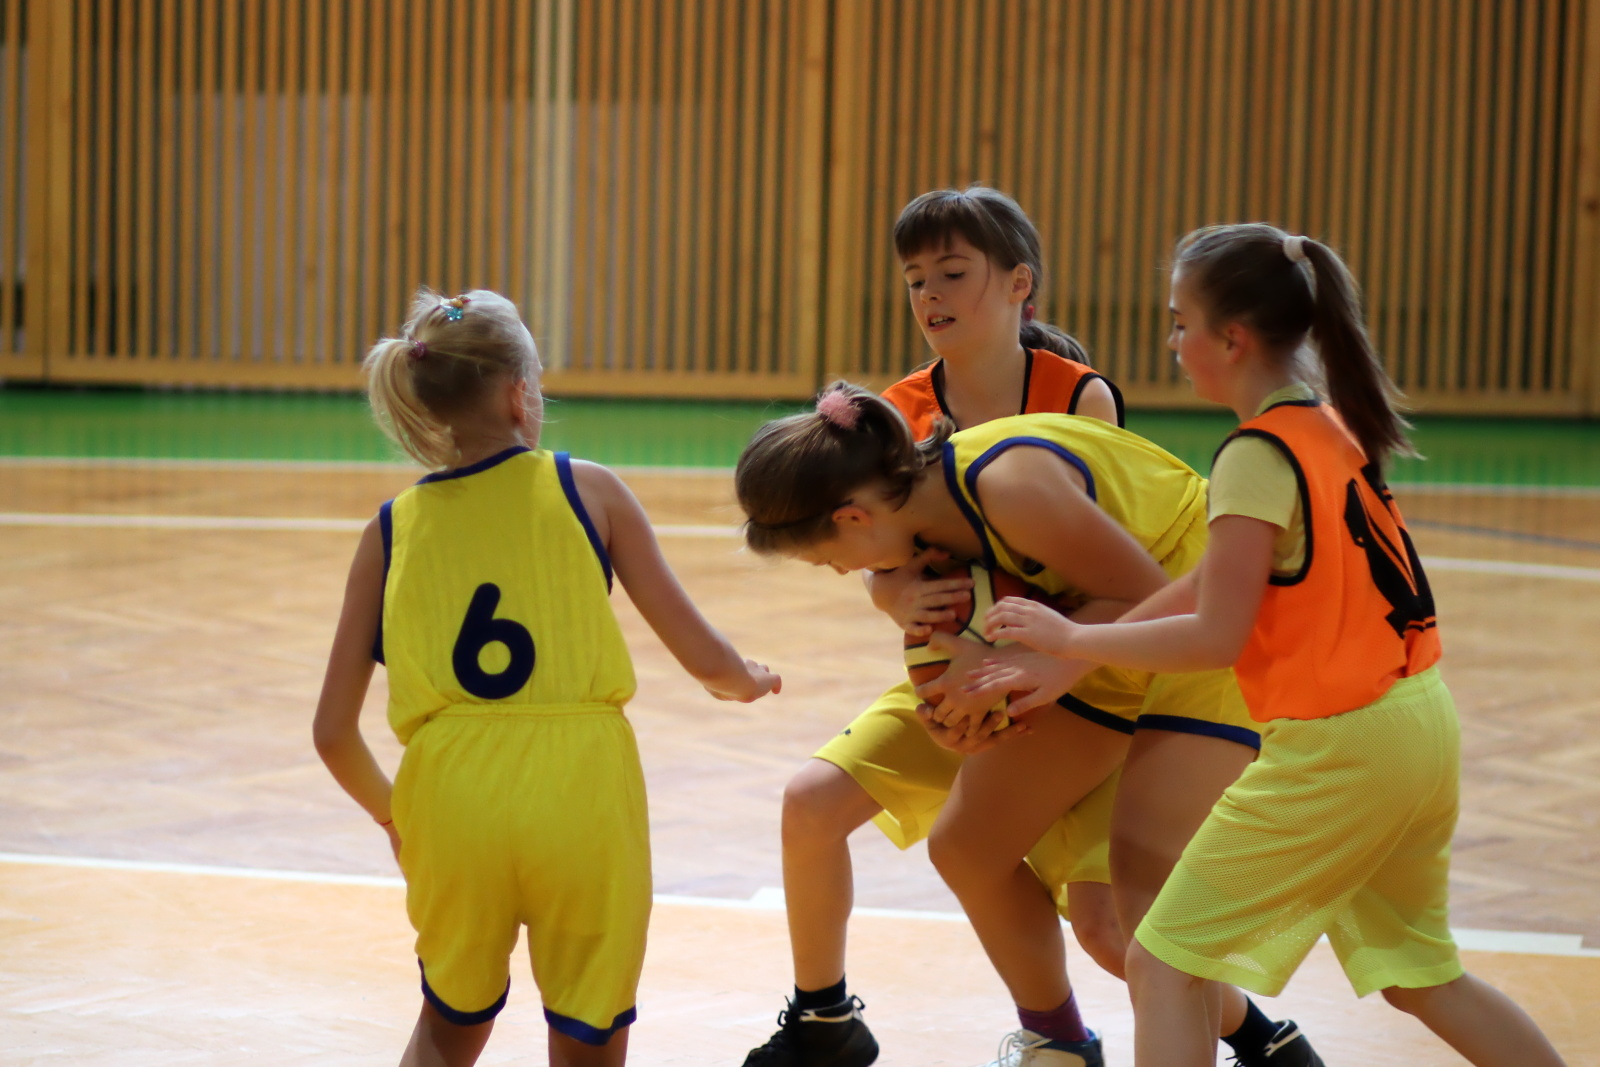 zvolen-banska-bystrica-basketbal-mini-ziacky-4